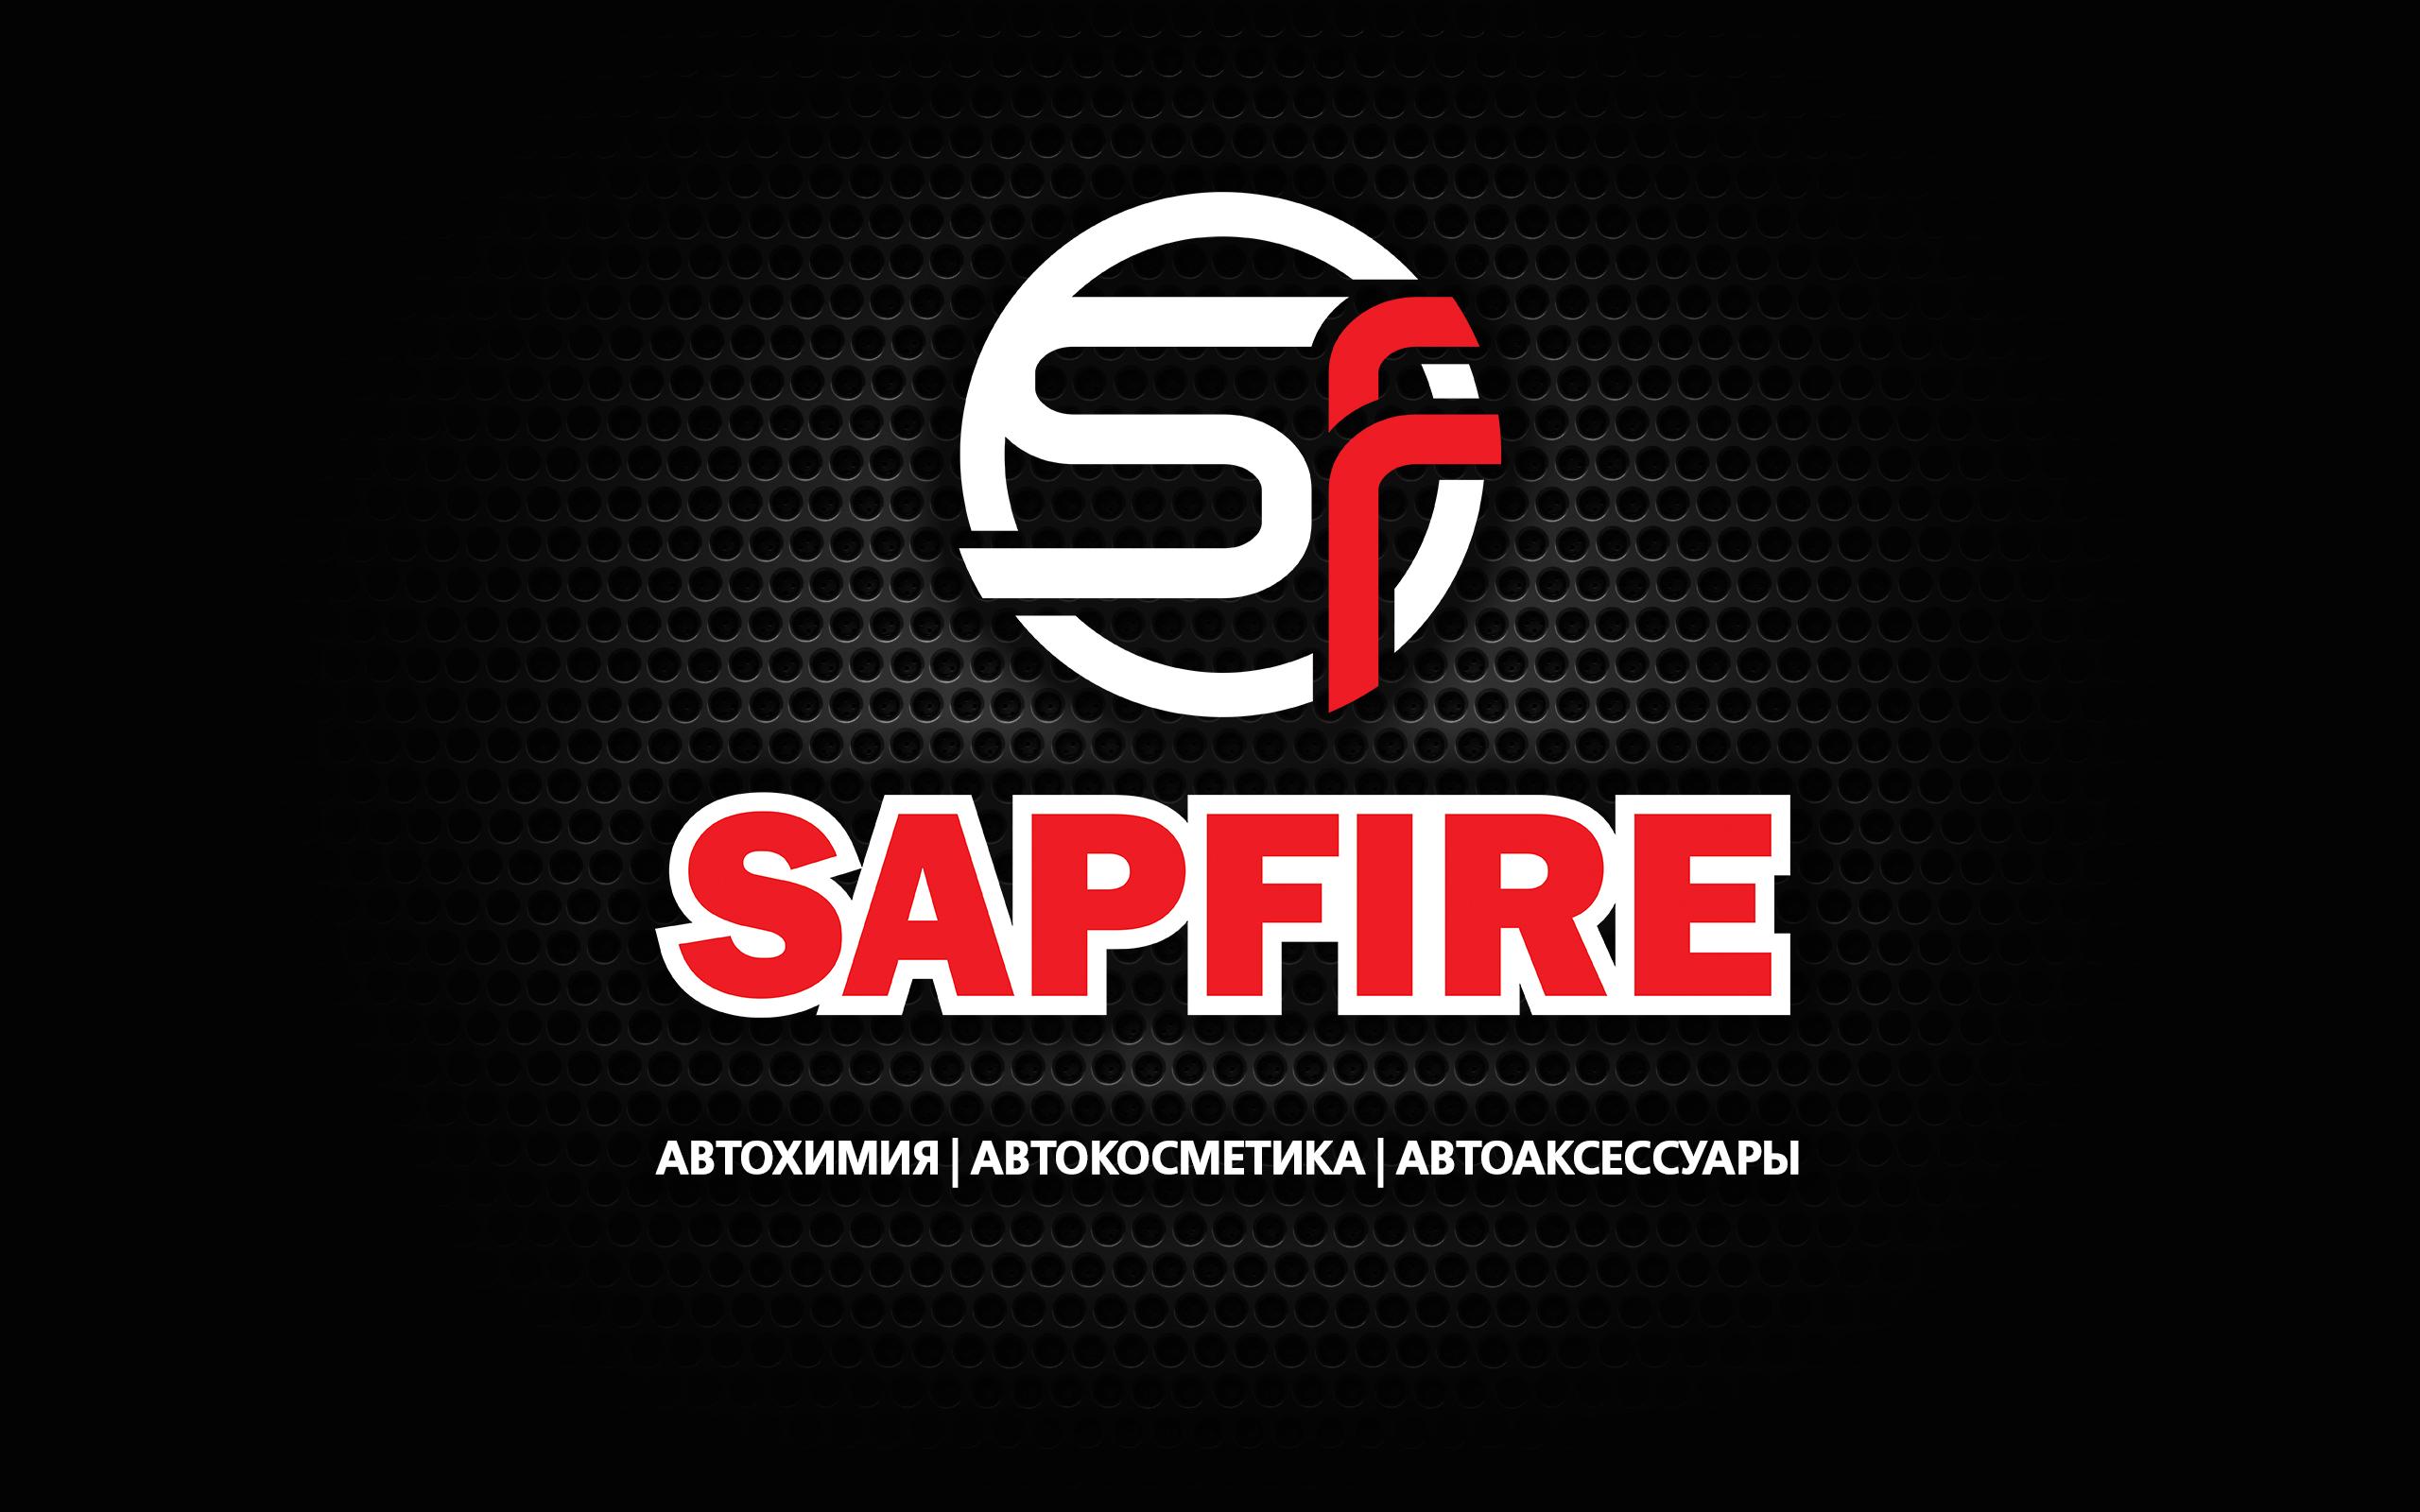 Официальный сайт торговой марки Sapfire